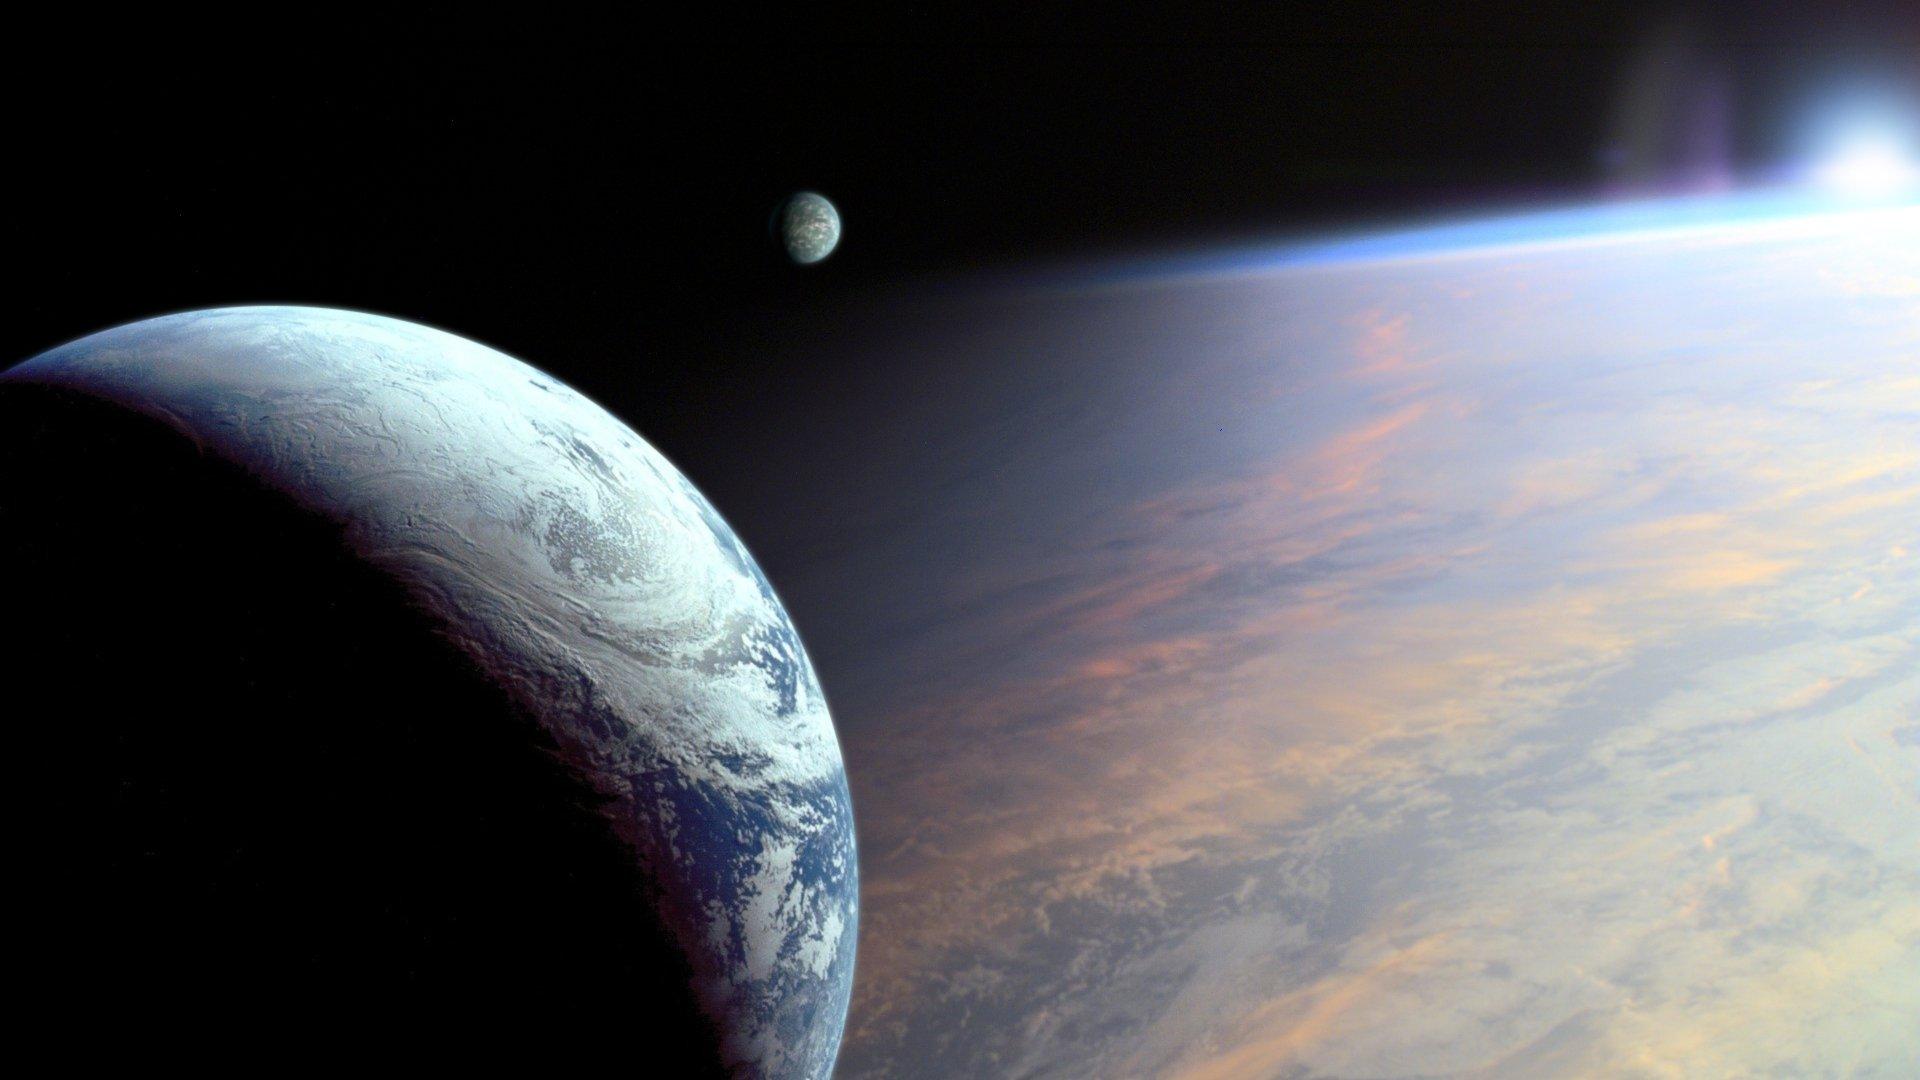 Обои планета космос орбита картинки на рабочий стол на тему Космос - скачать  № 1757021 бесплатно